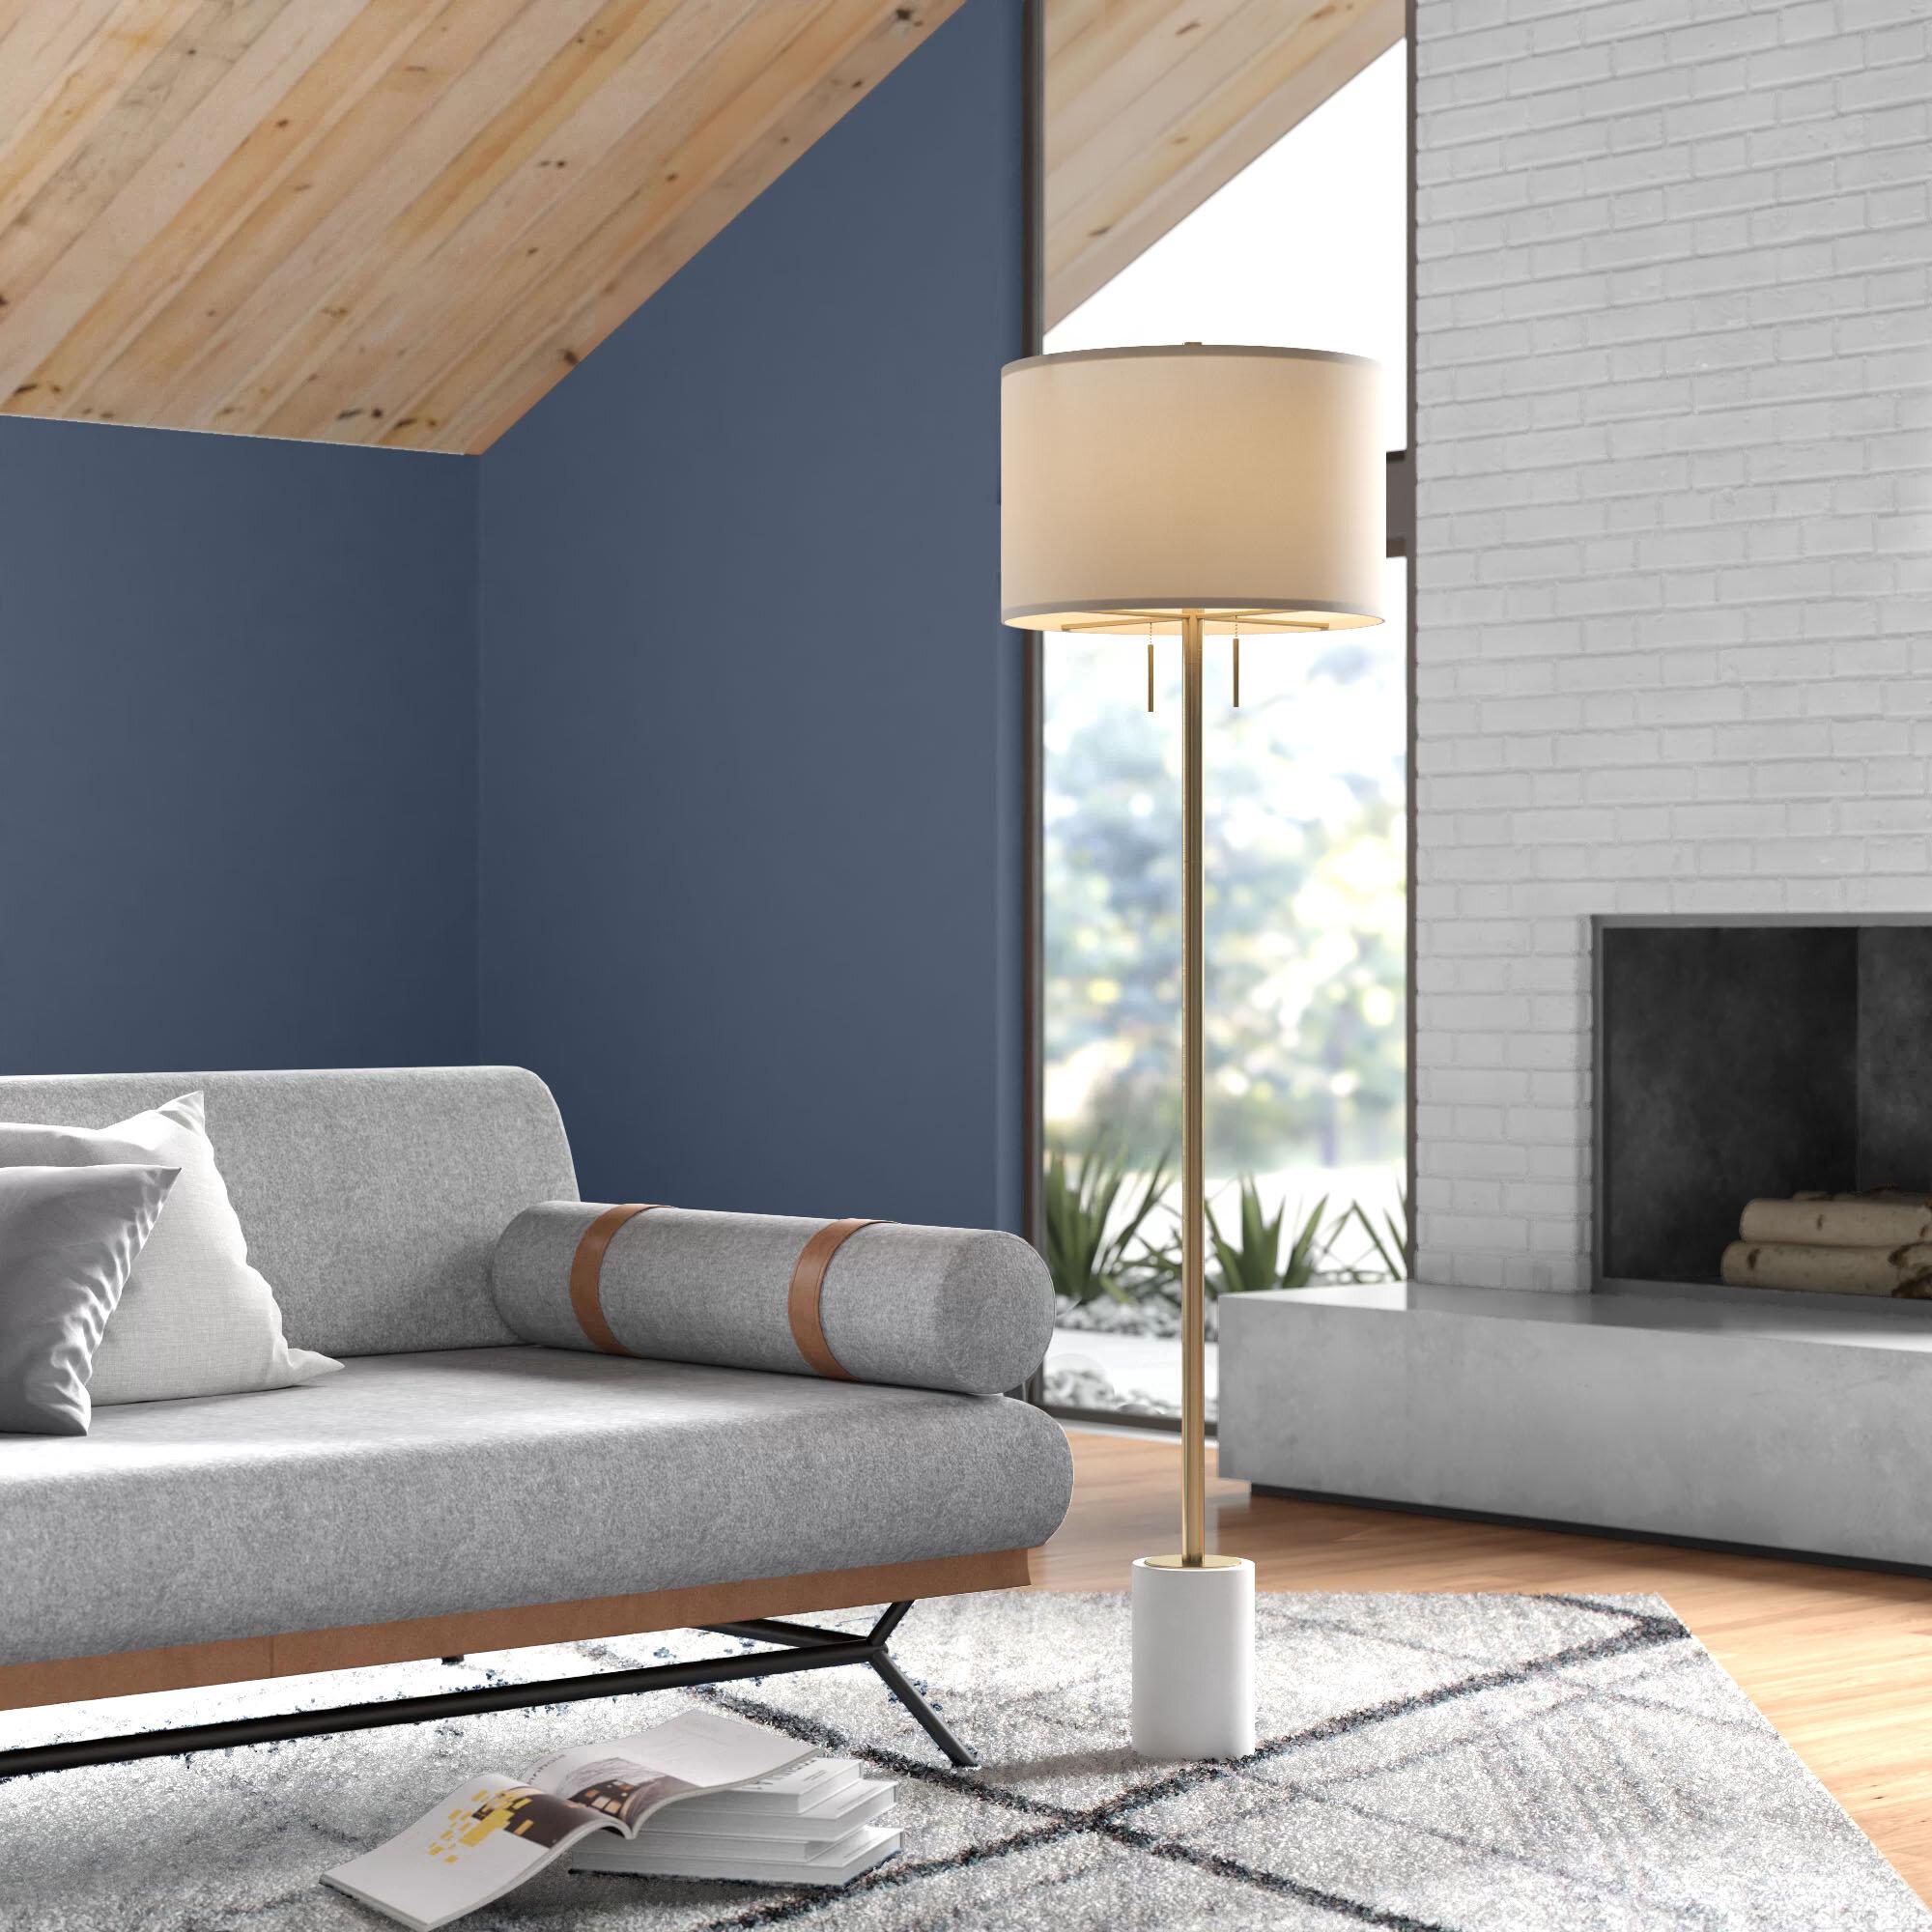 Dametta 62 Traditional Floor Lamp Reviews Allmodern